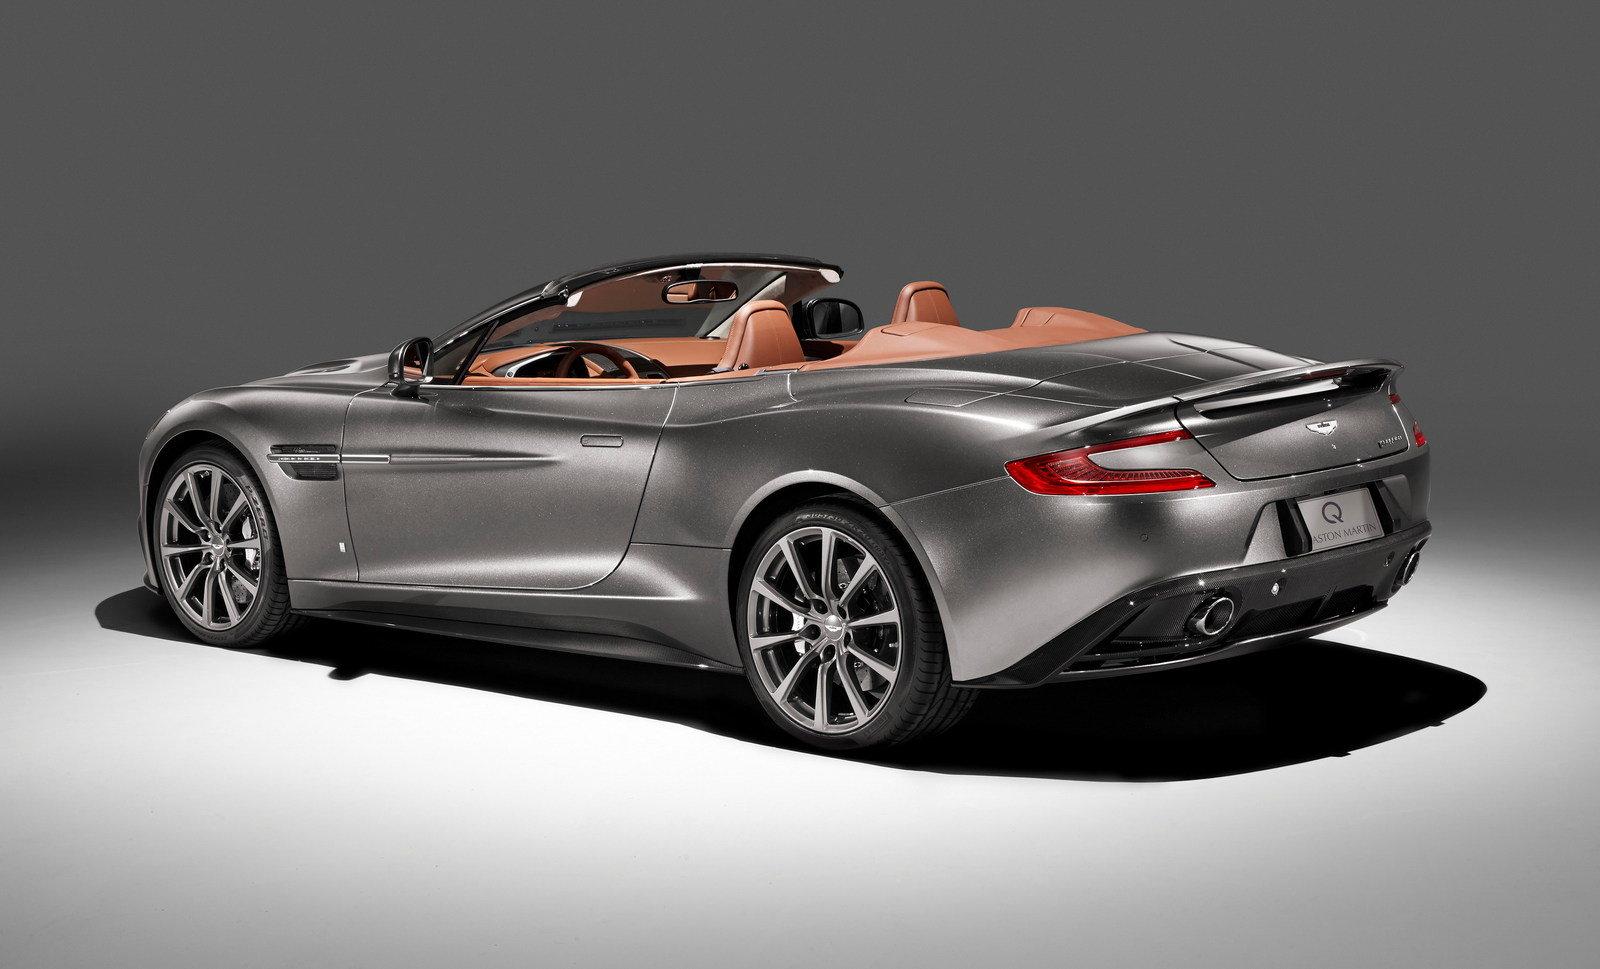 Aston Martin Vanquish Q Backgrounds, Compatible - PC, Mobile, Gadgets| 1600x969 px